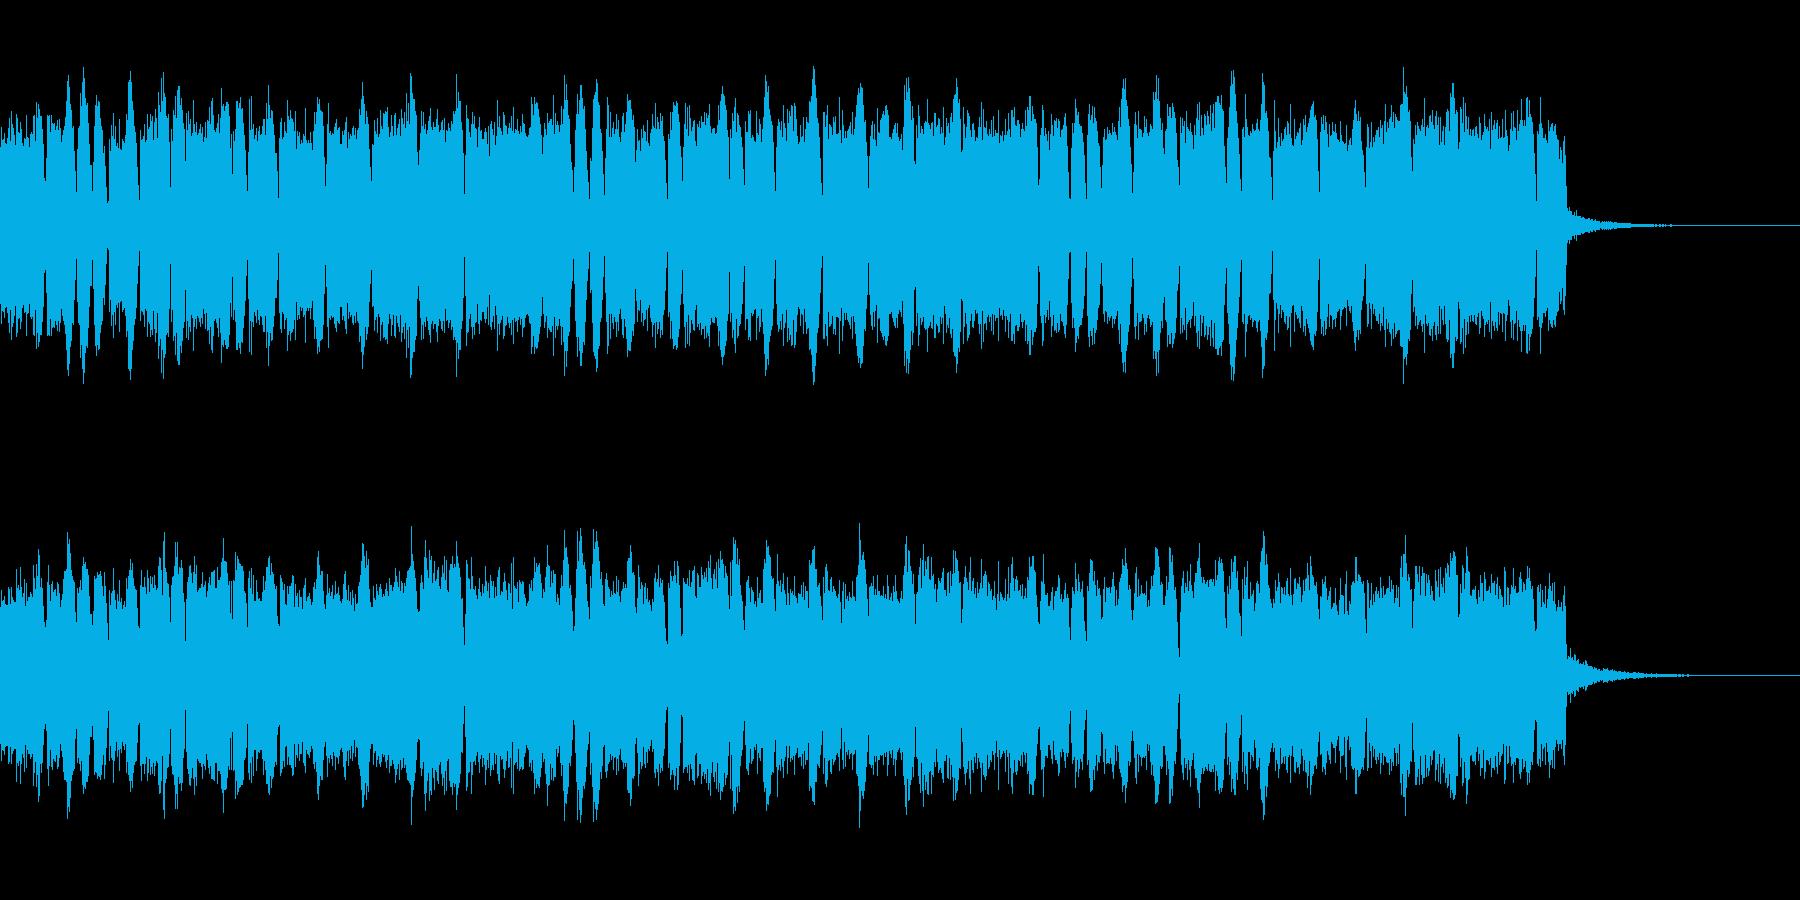 ロックペーストのBGMの再生済みの波形